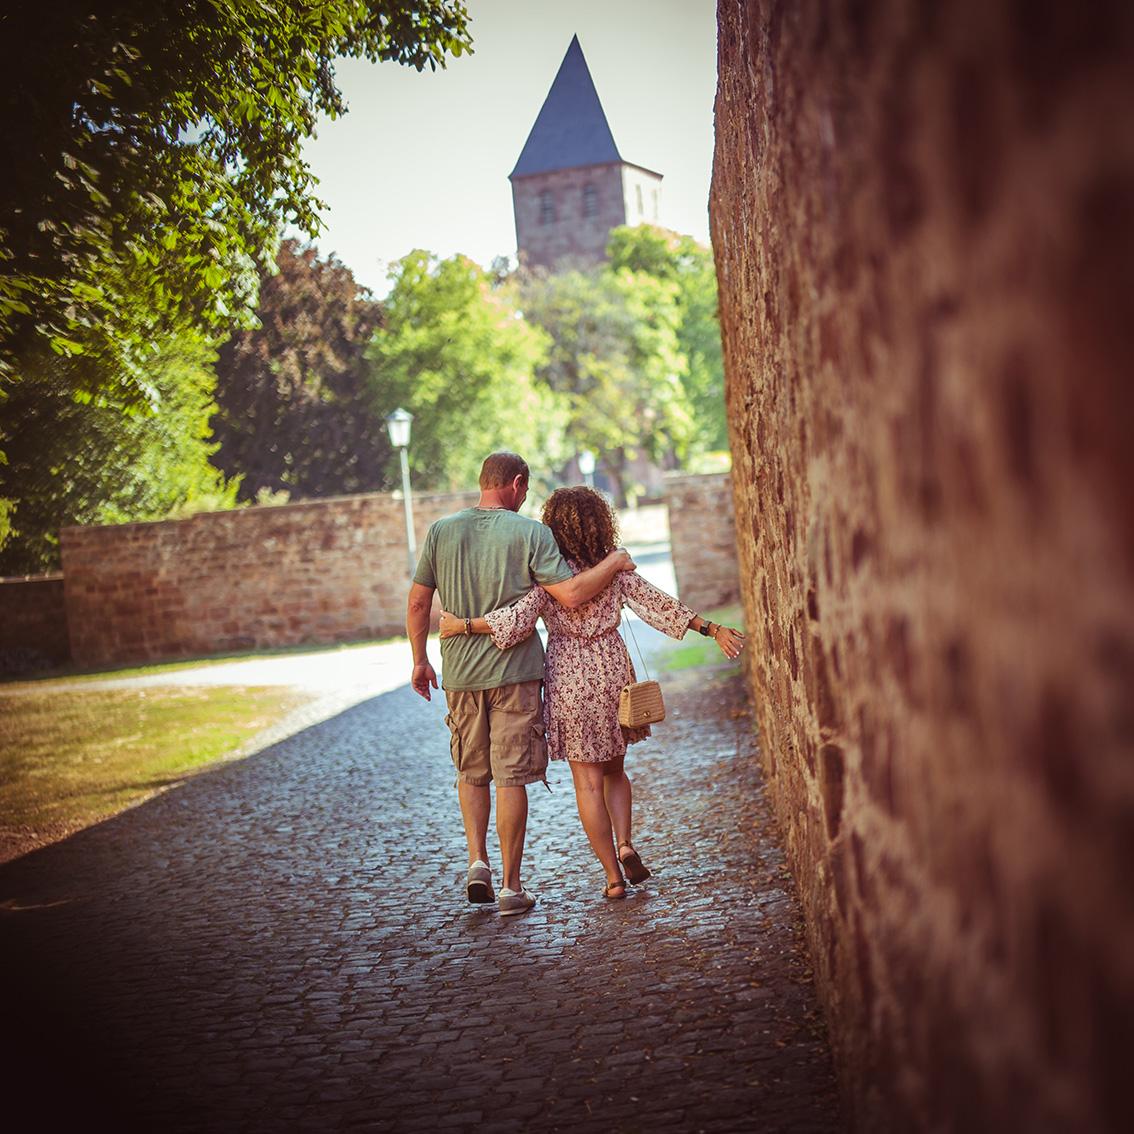 PAARE-paarfotos-aachen-partnerfotos-dueren-fotos-zu-zweit-aachen-fotos-by-domi-fotograf-eschweiler-560